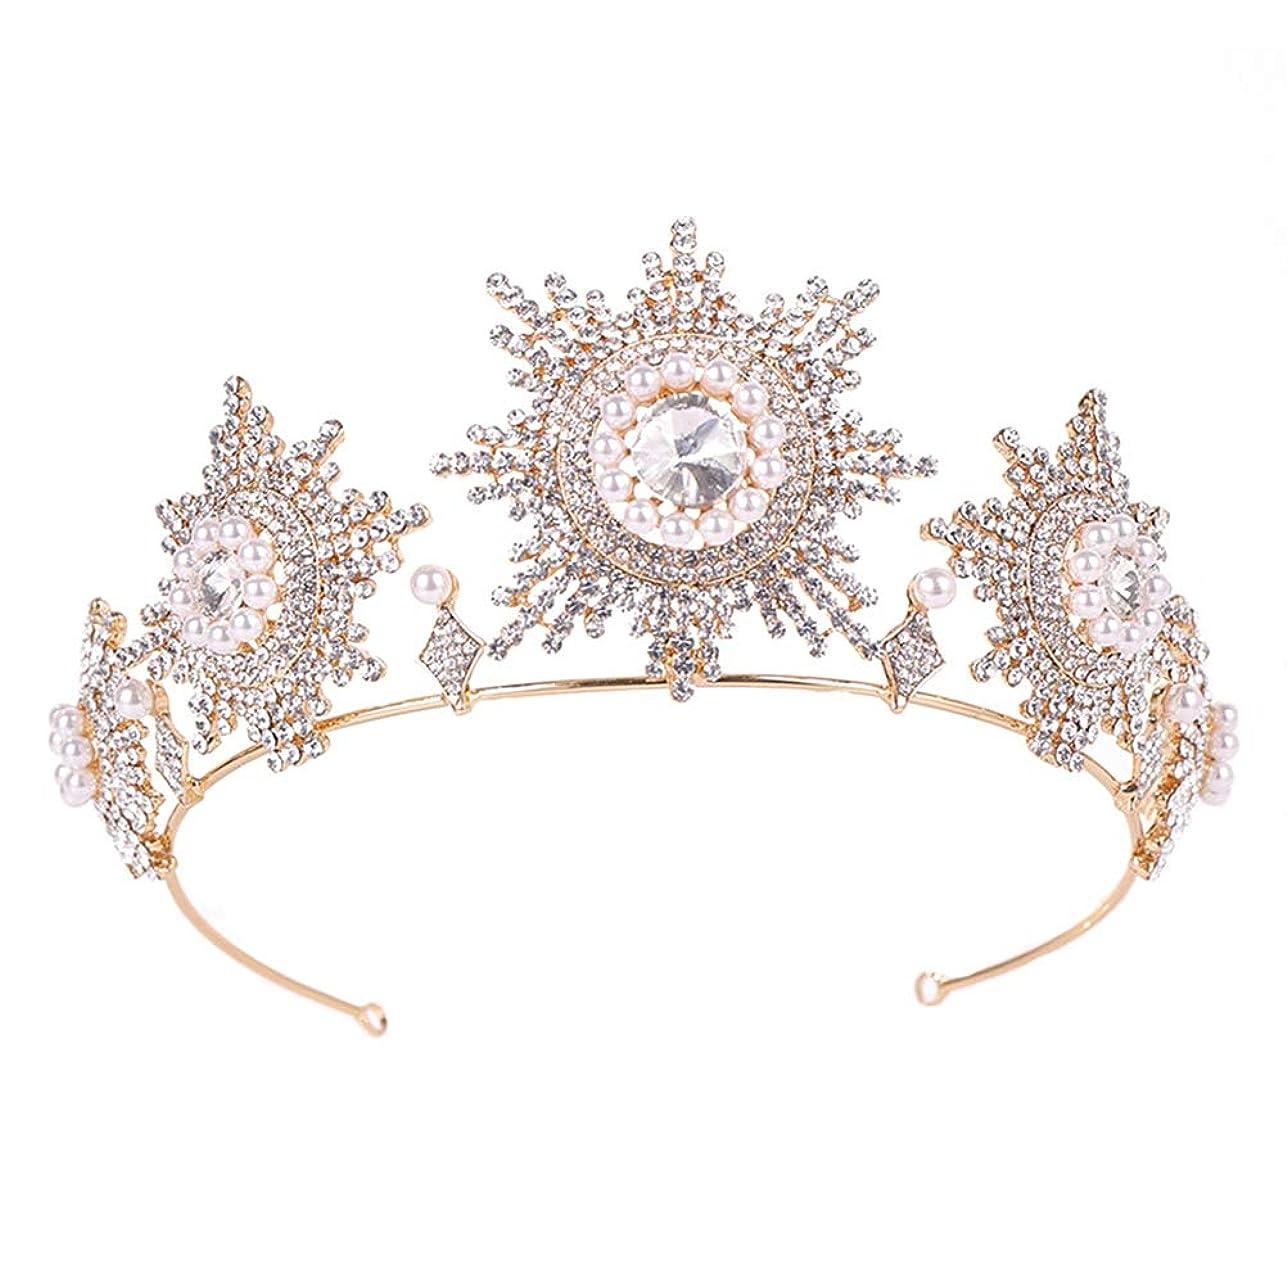 LURROSE ティアラ 王冠 クラウン クラシックブライダルティアラ プリンセスクラウン ヘアアクセサリー ウェディング 花嫁 結婚式 披露宴 パーティー 髪飾り(ゴールデン)